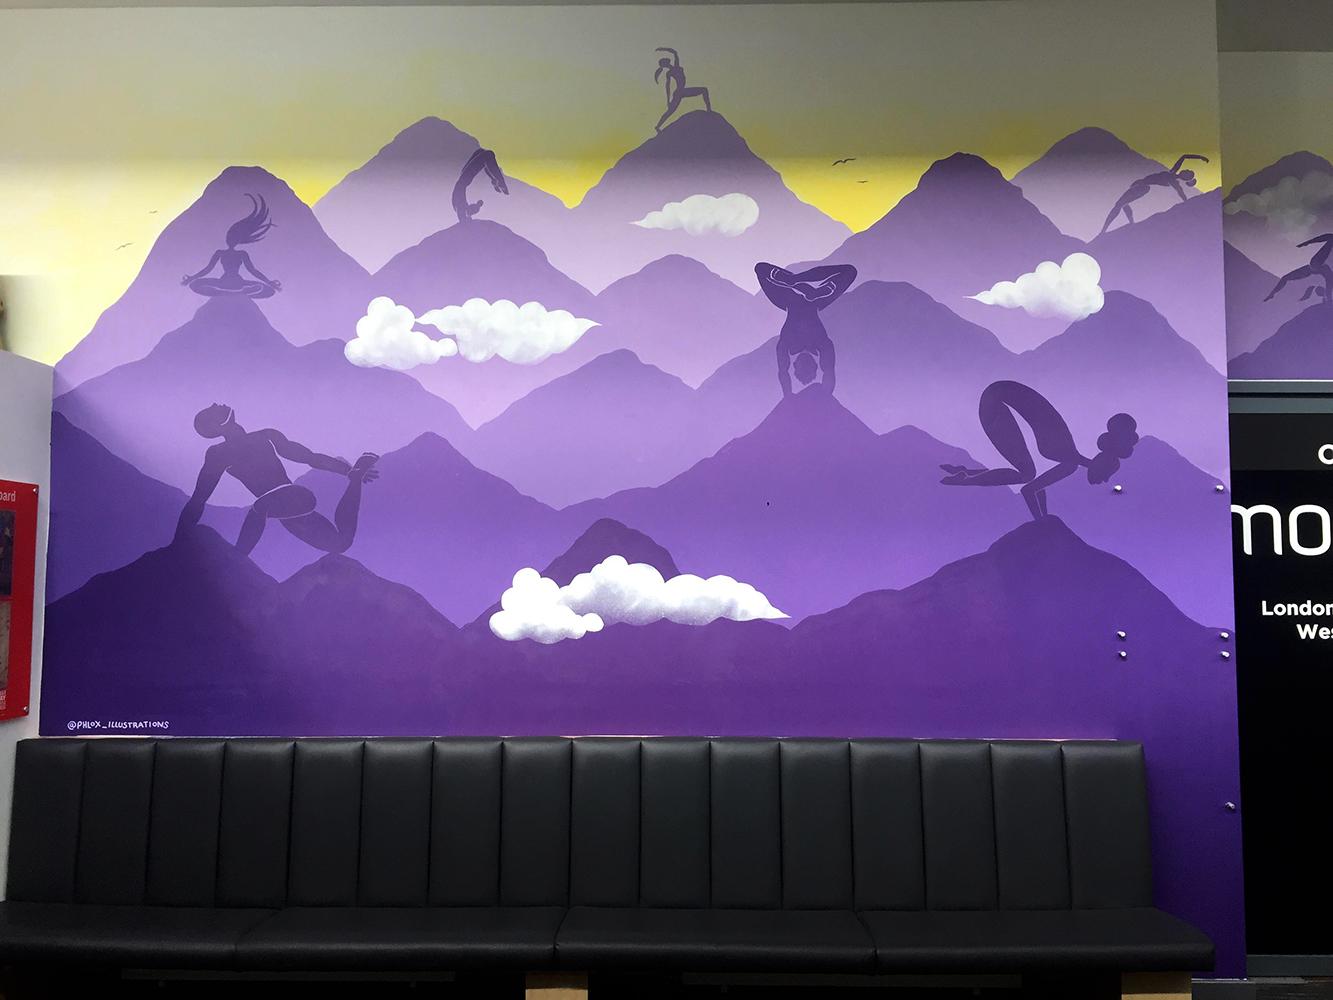 'Mountain Yogis' Mural